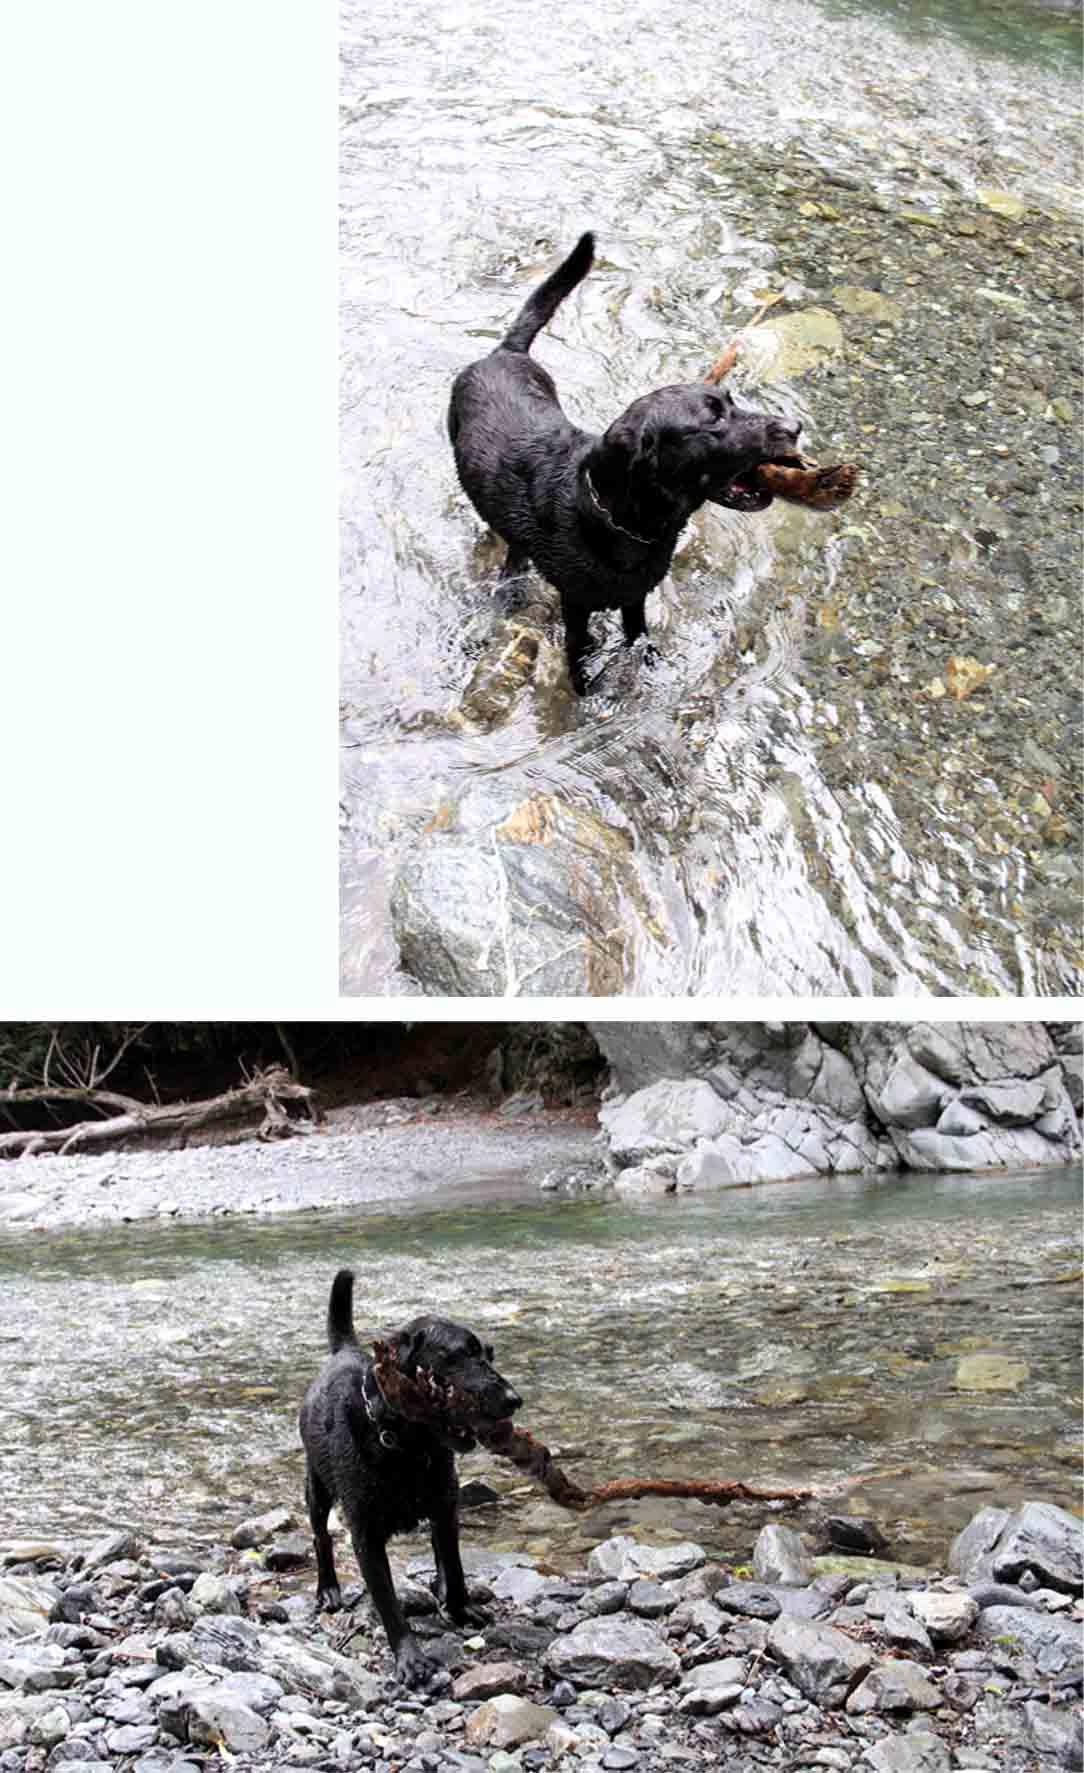 三峰川 7月14日 3度目の渓流 レトリーブ(36)